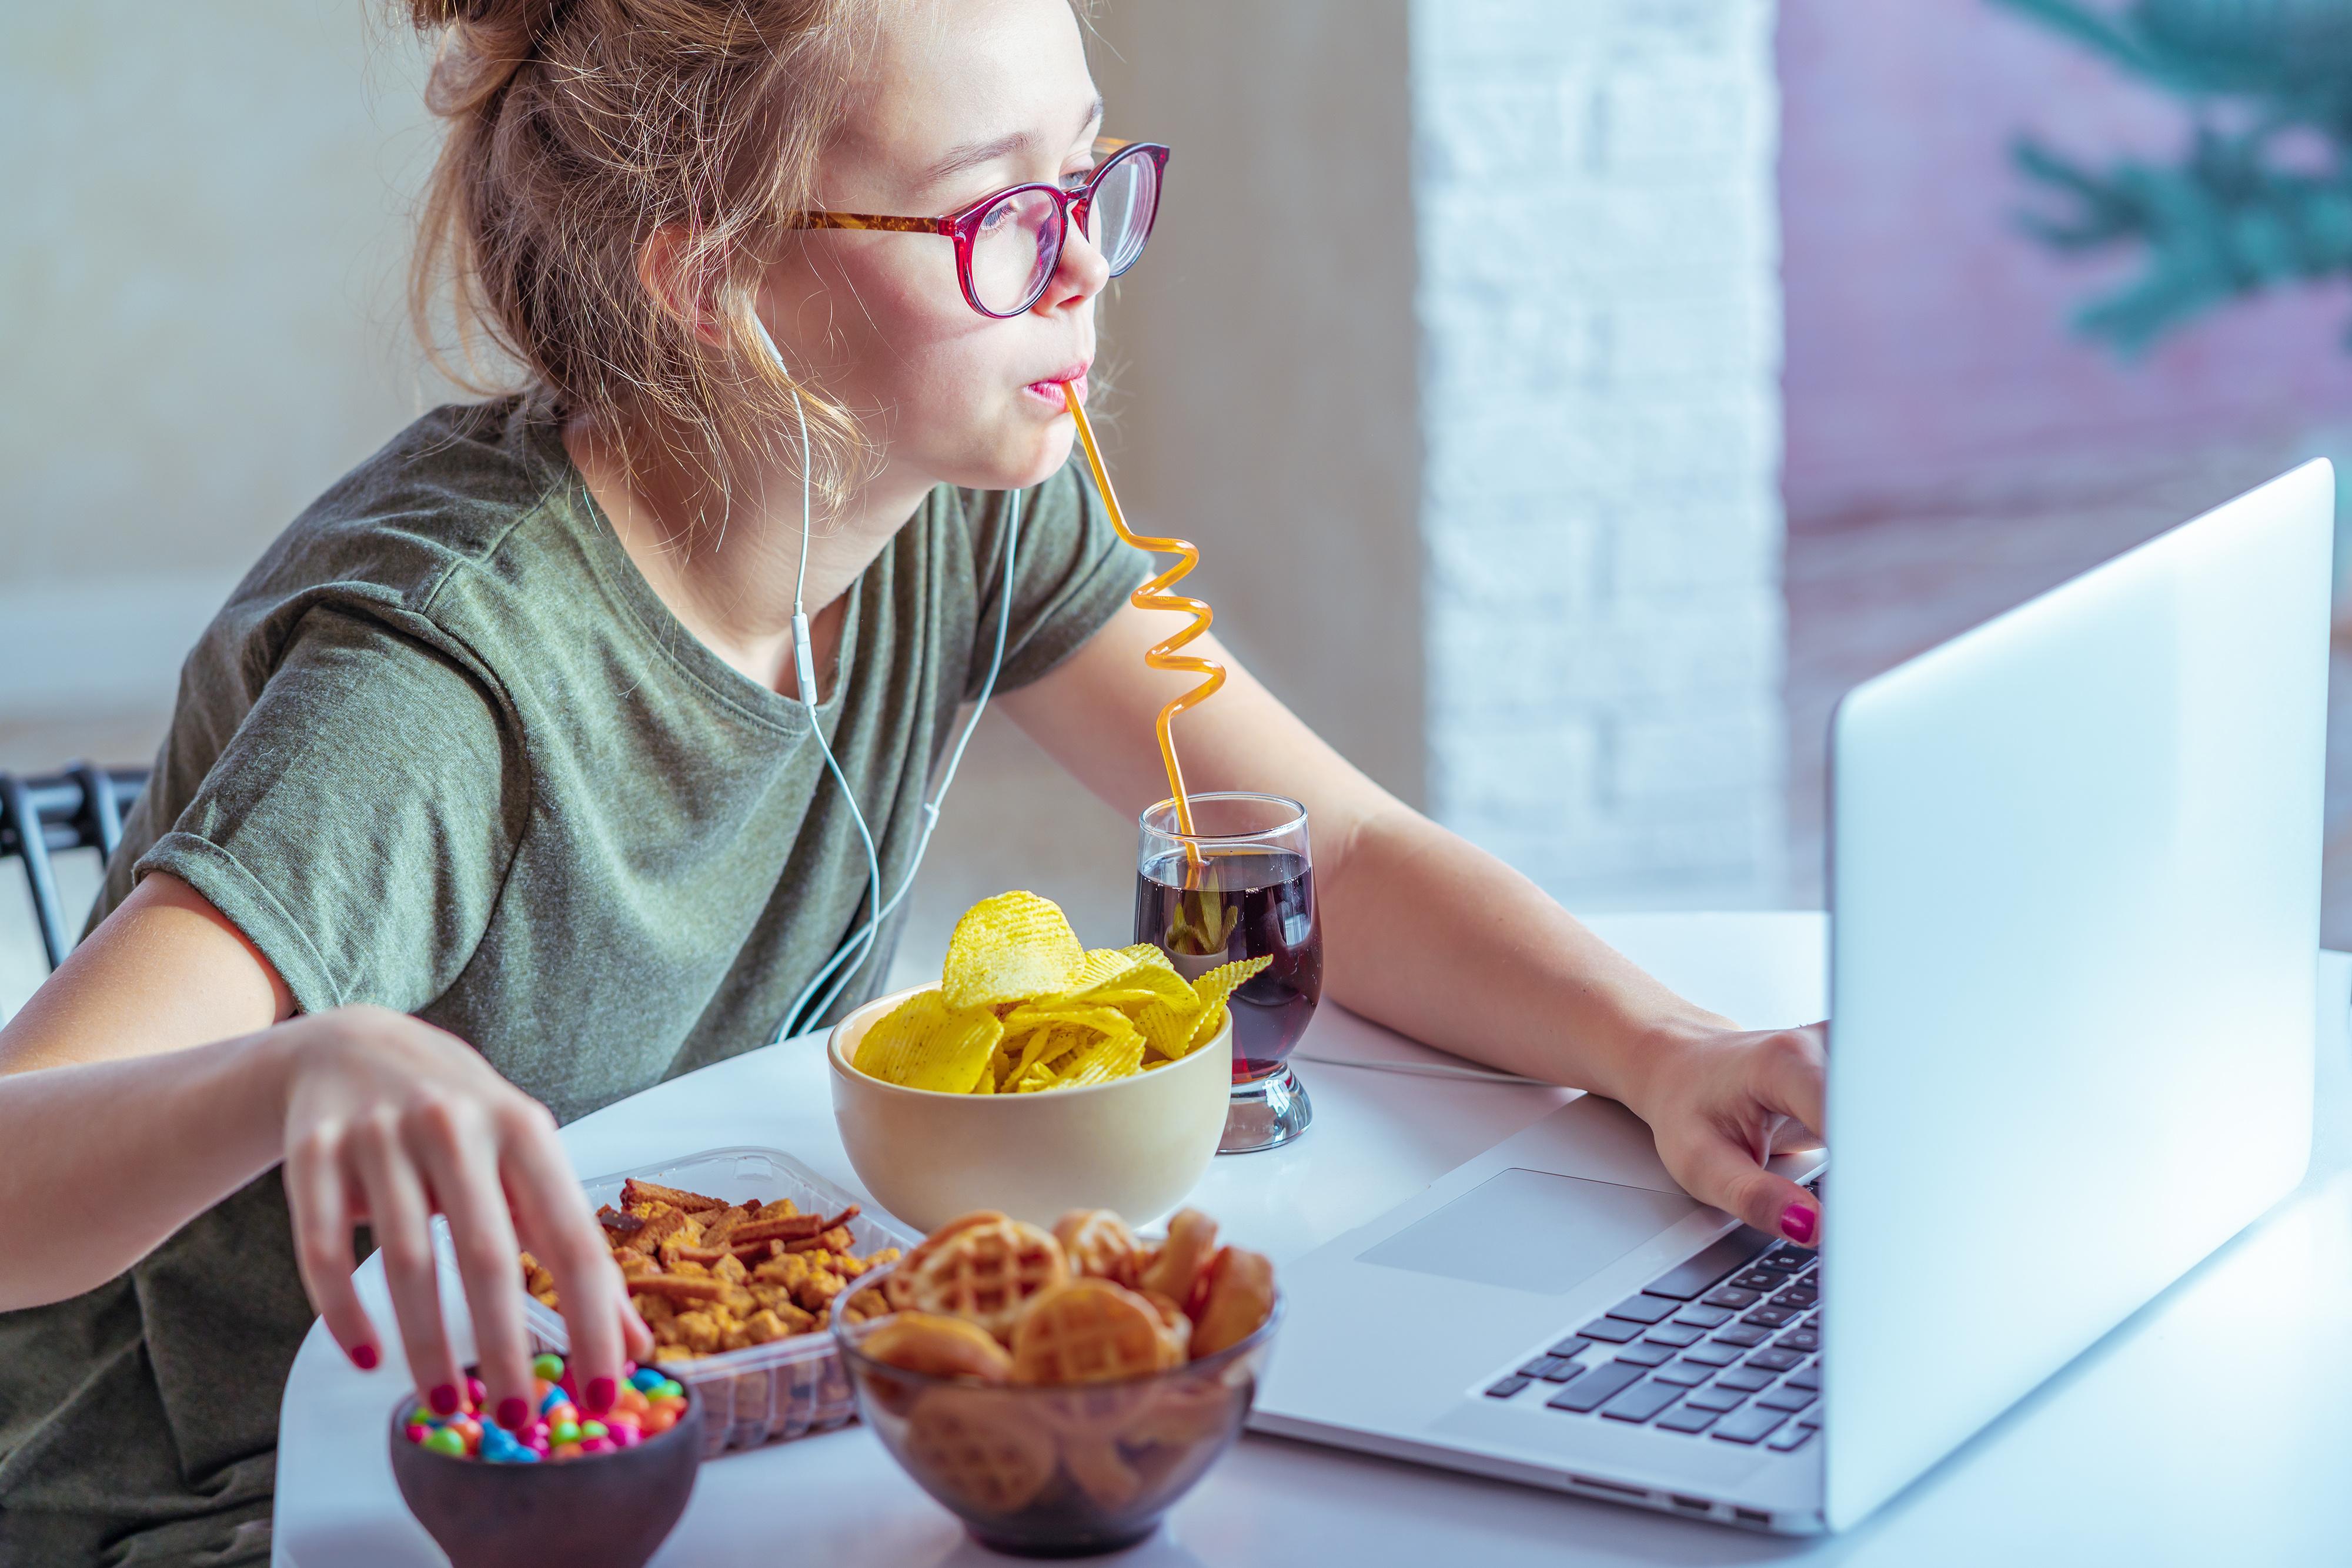 Mladé dievča pozerá do notebooku, pije colu cez slamku a pred sebou má nezdravé pochutiny